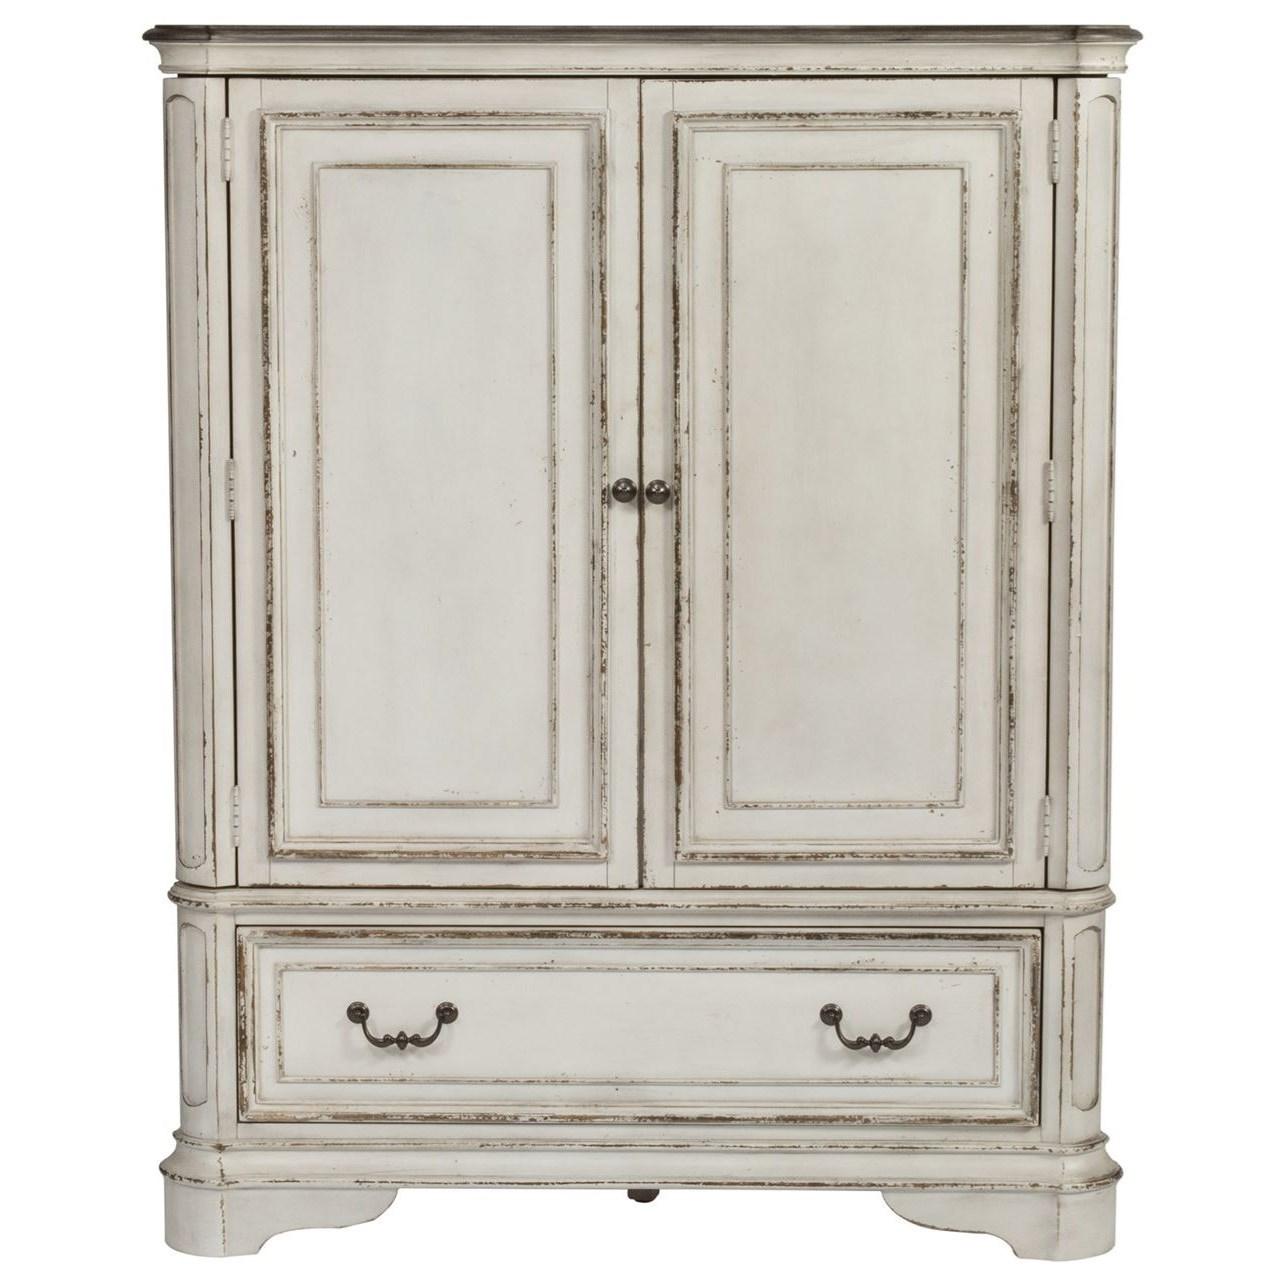 Door Chest with Adjustable Shelves